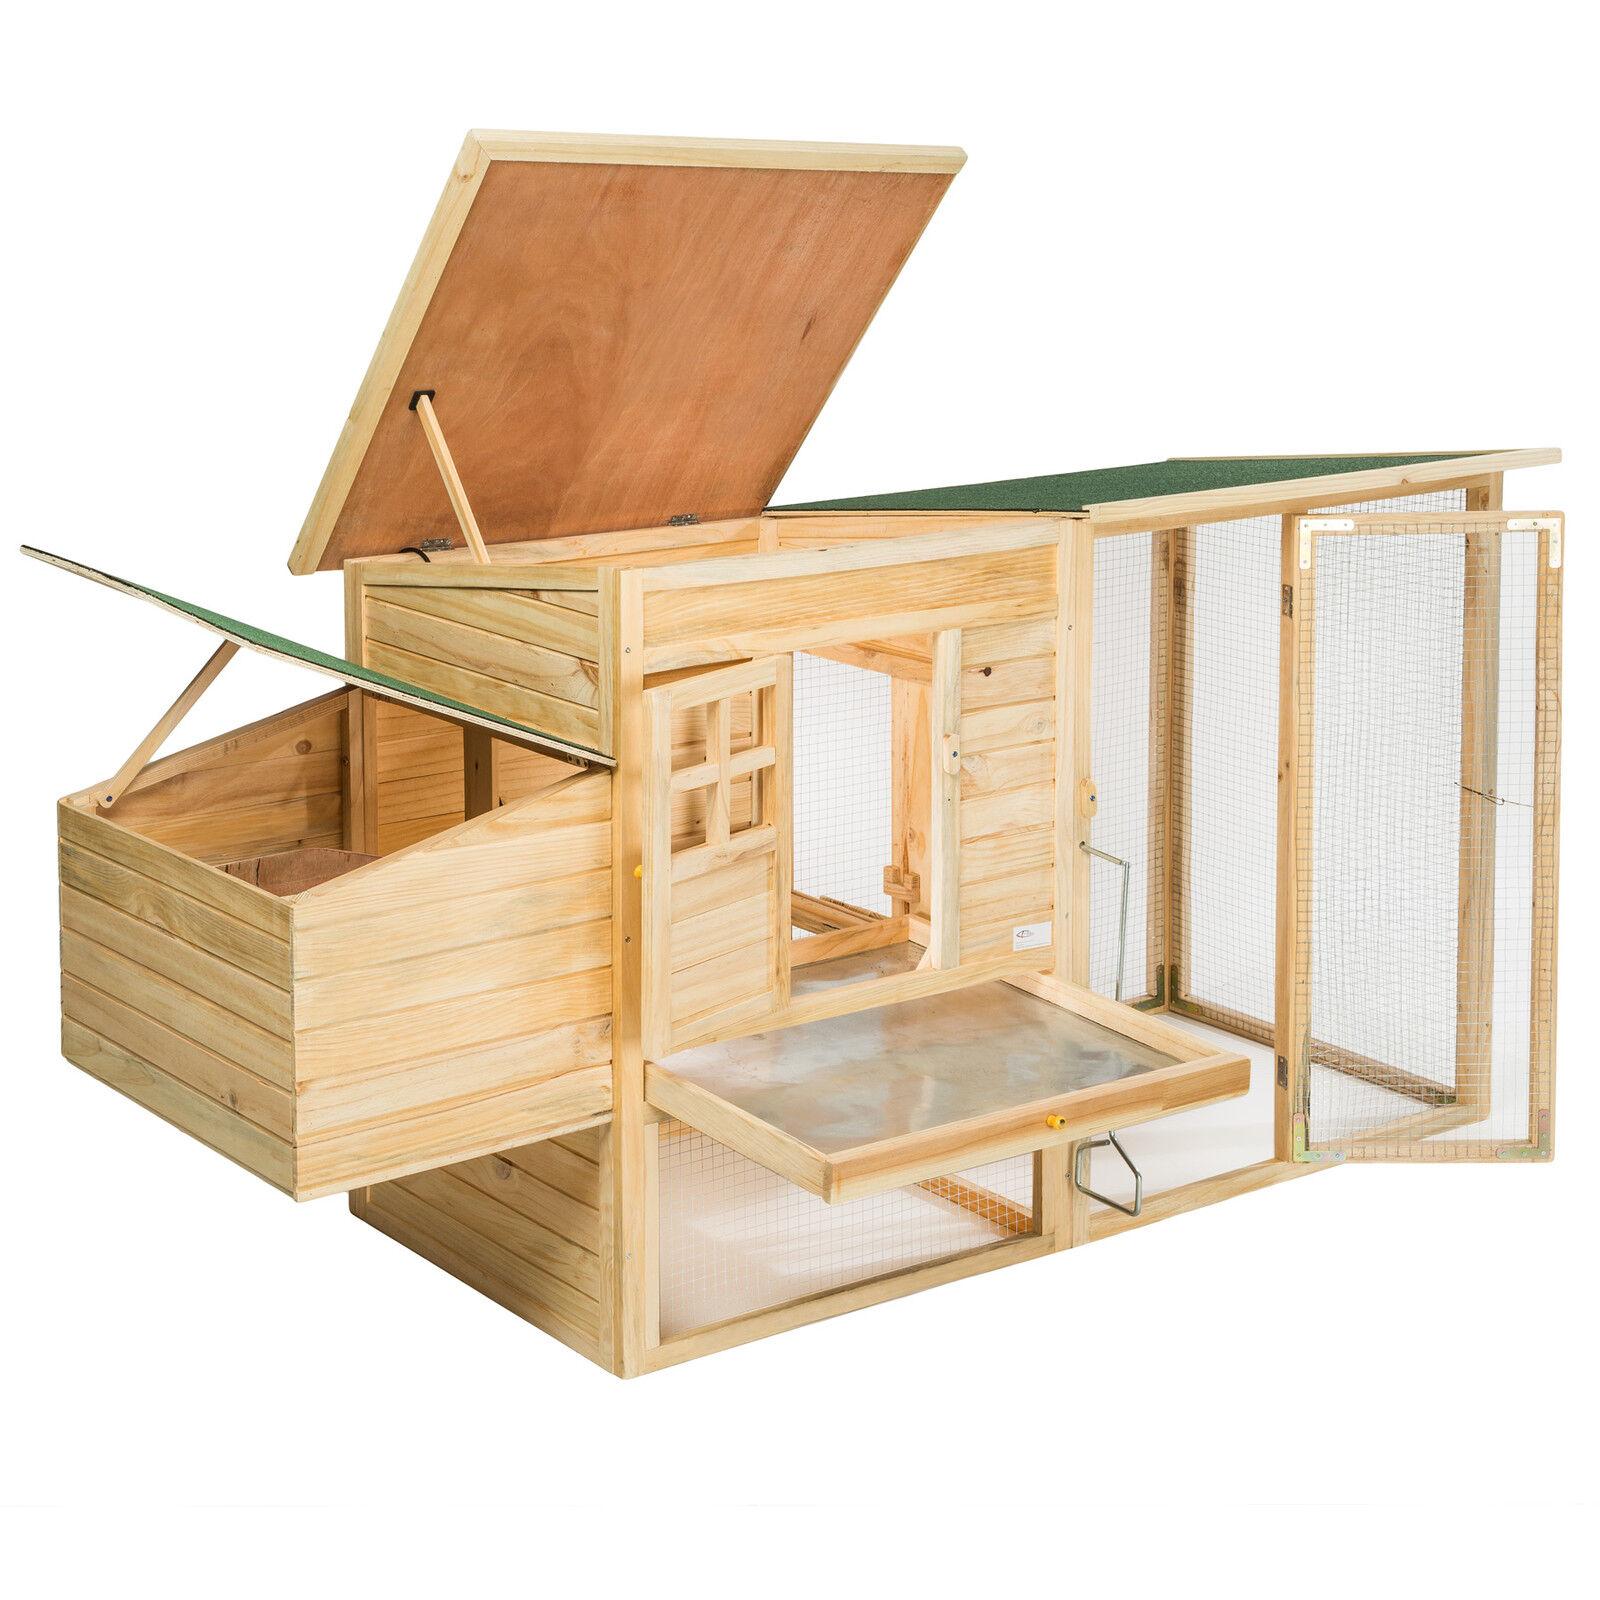 poulailler cage poules xxl clapier pour petits animaux rongeurs leveur bois eur 122 90. Black Bedroom Furniture Sets. Home Design Ideas